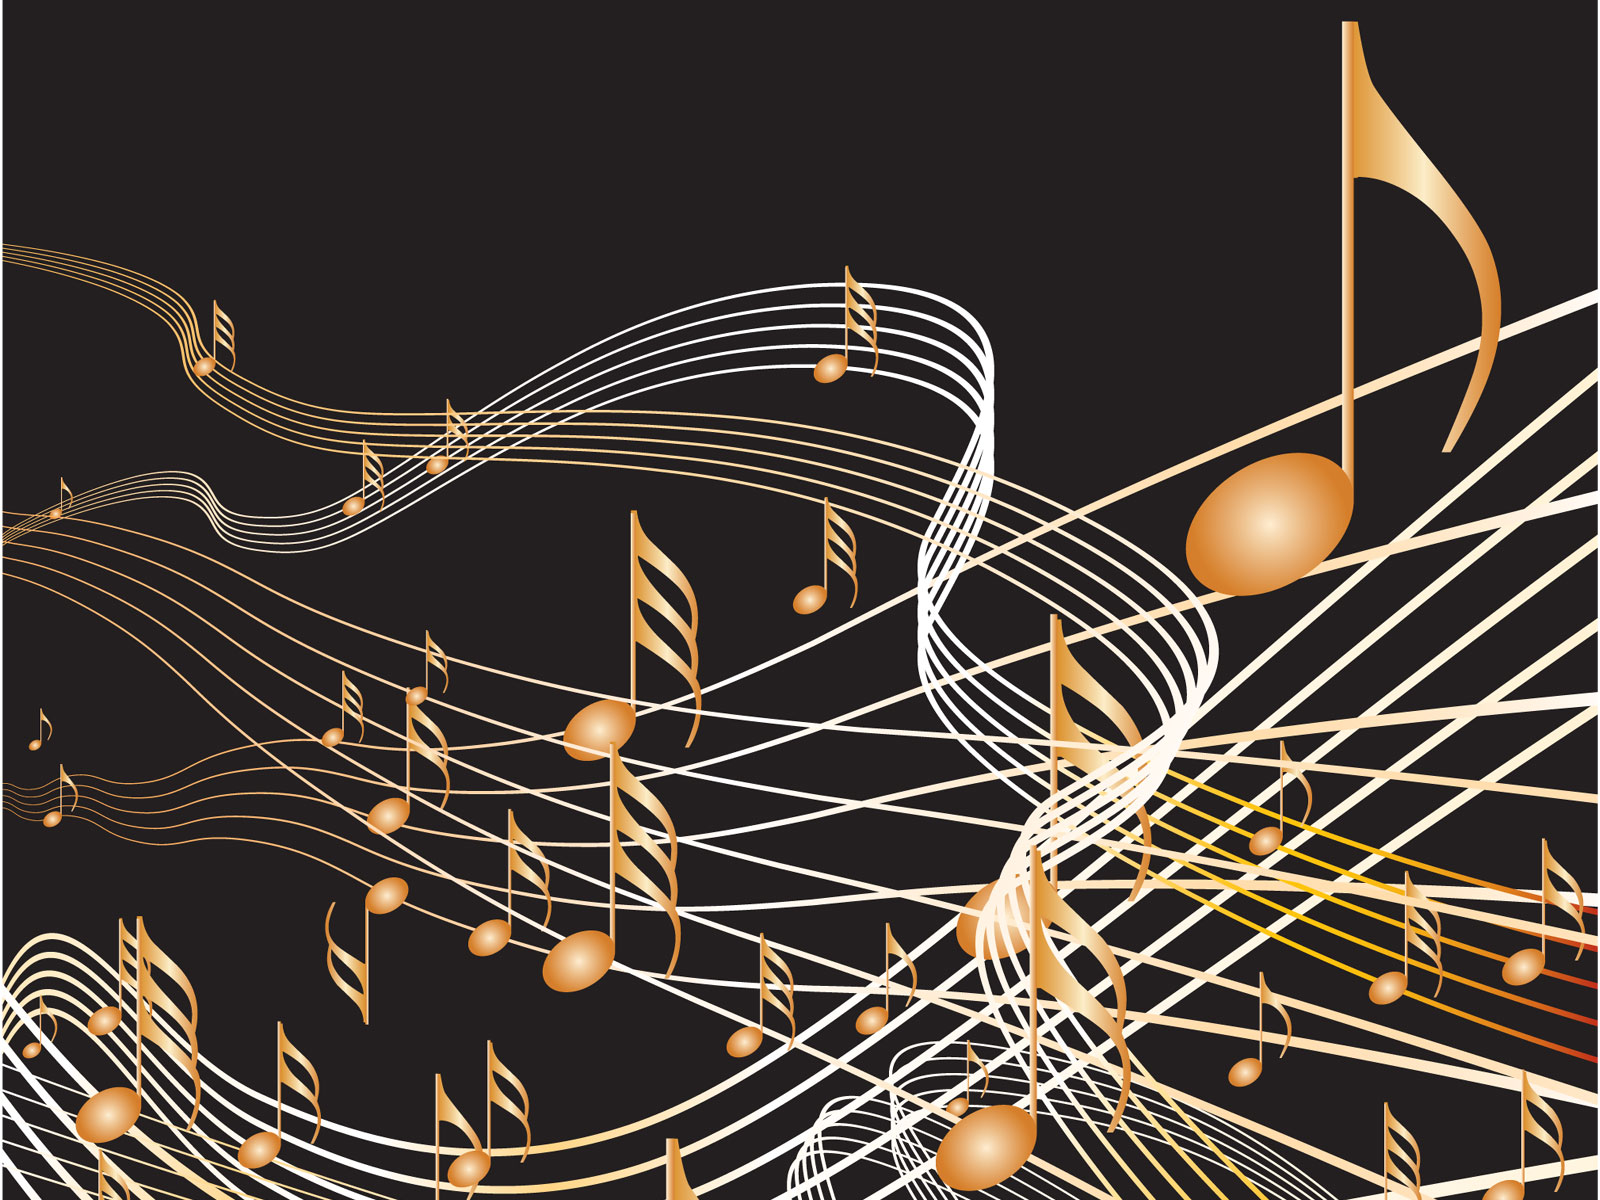 音楽・音符イラスト素材「光の筋」